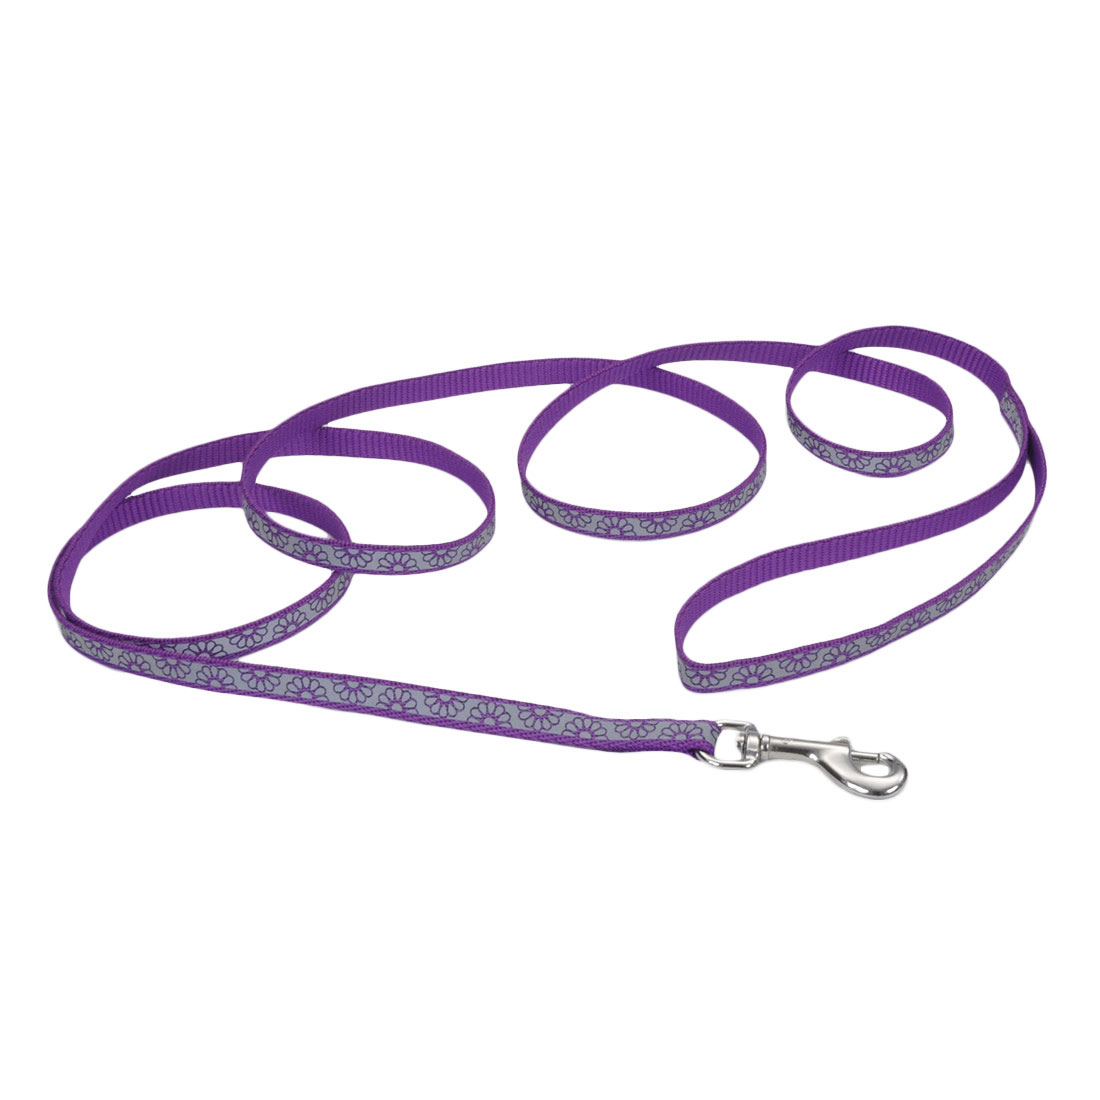 Lazer Brite Reflective Open-Design Dog Leash, Purple Daisy, 1-inx6-inx6-